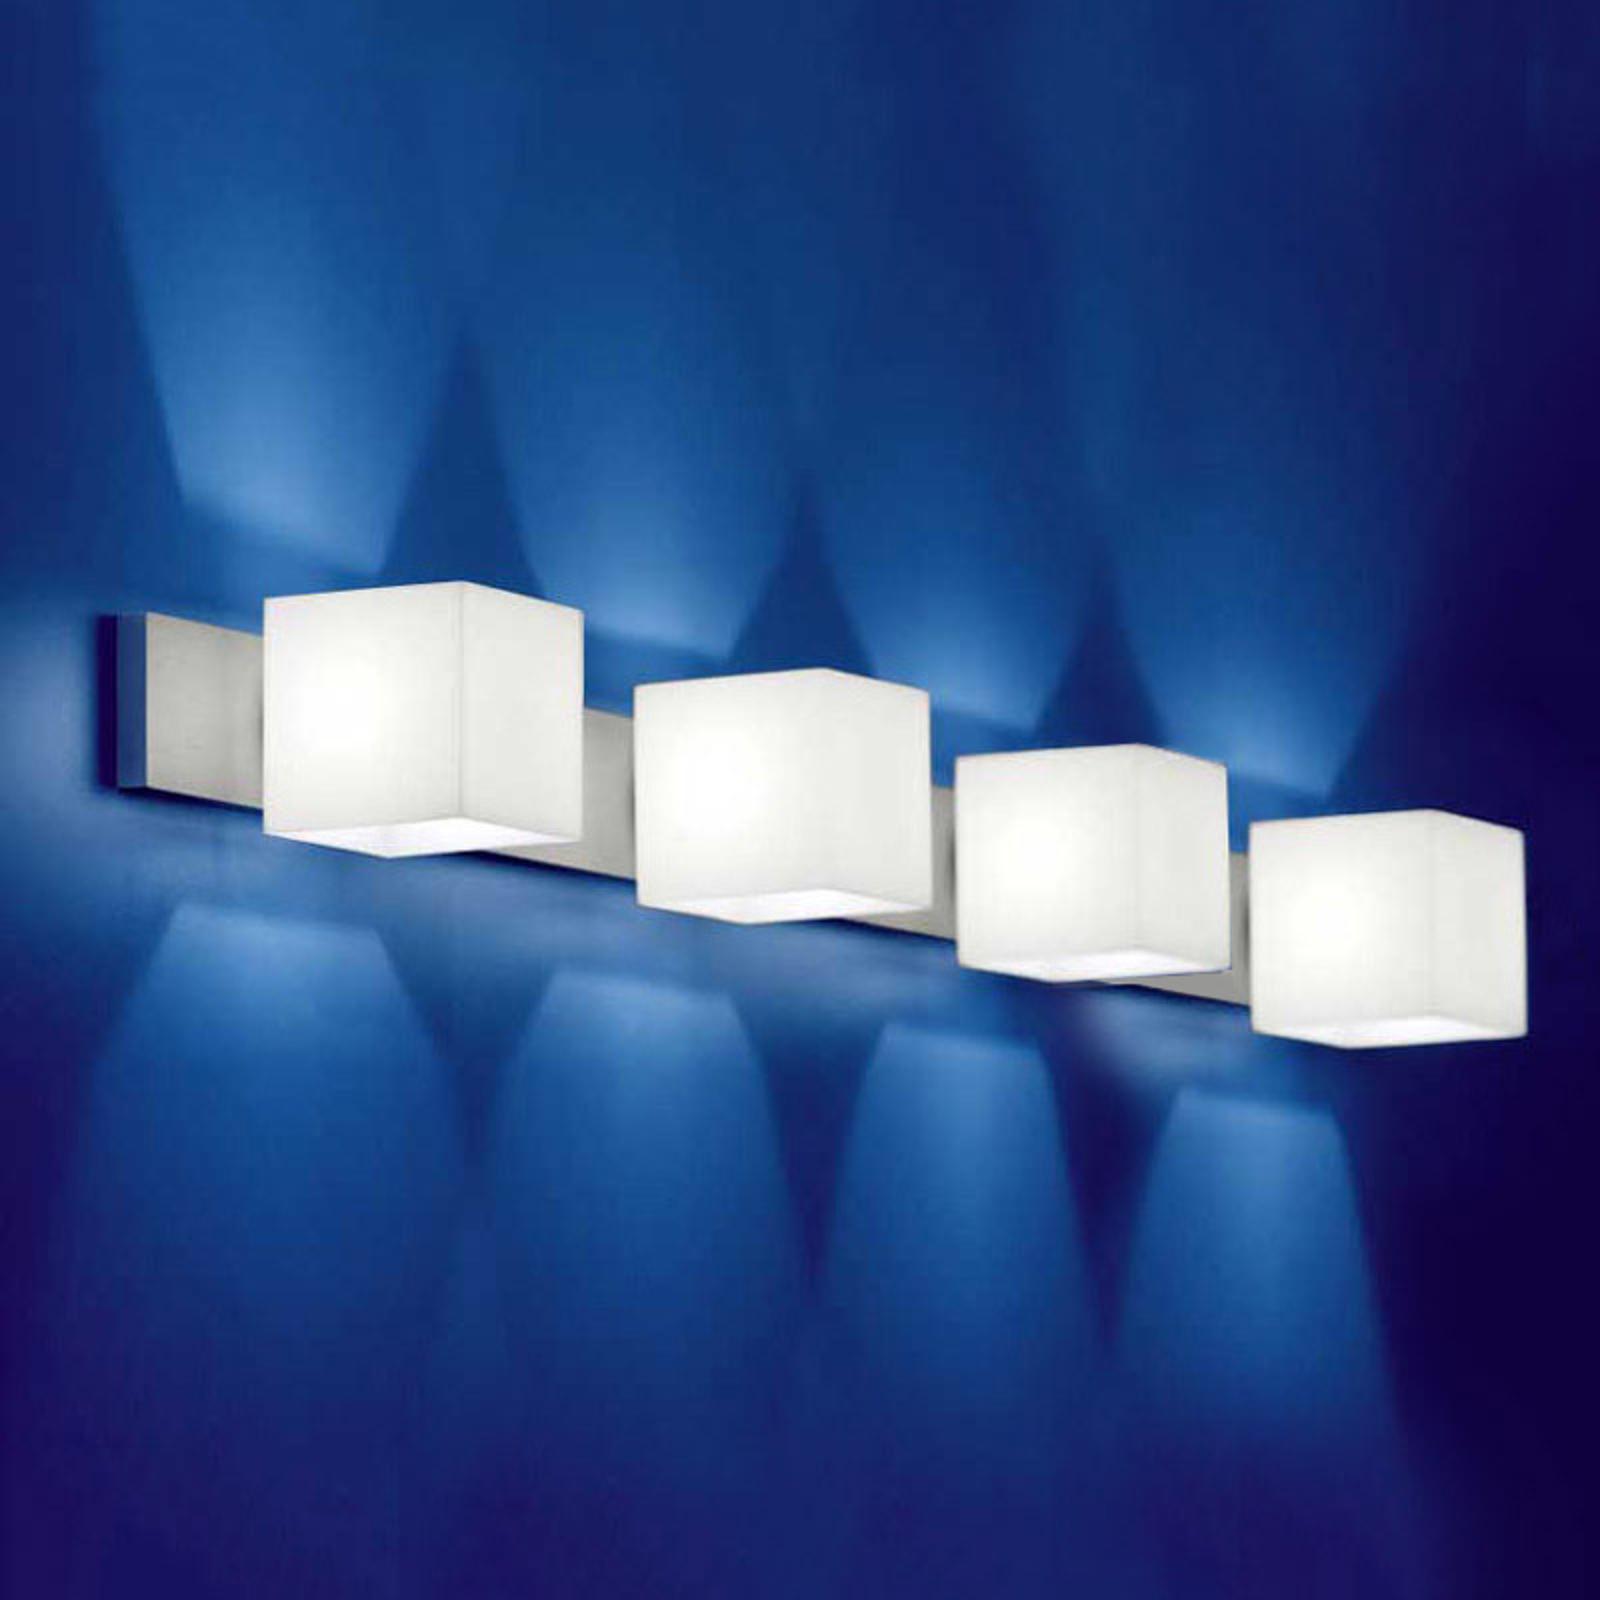 Applique 4 lampes Cube antiéblouissante